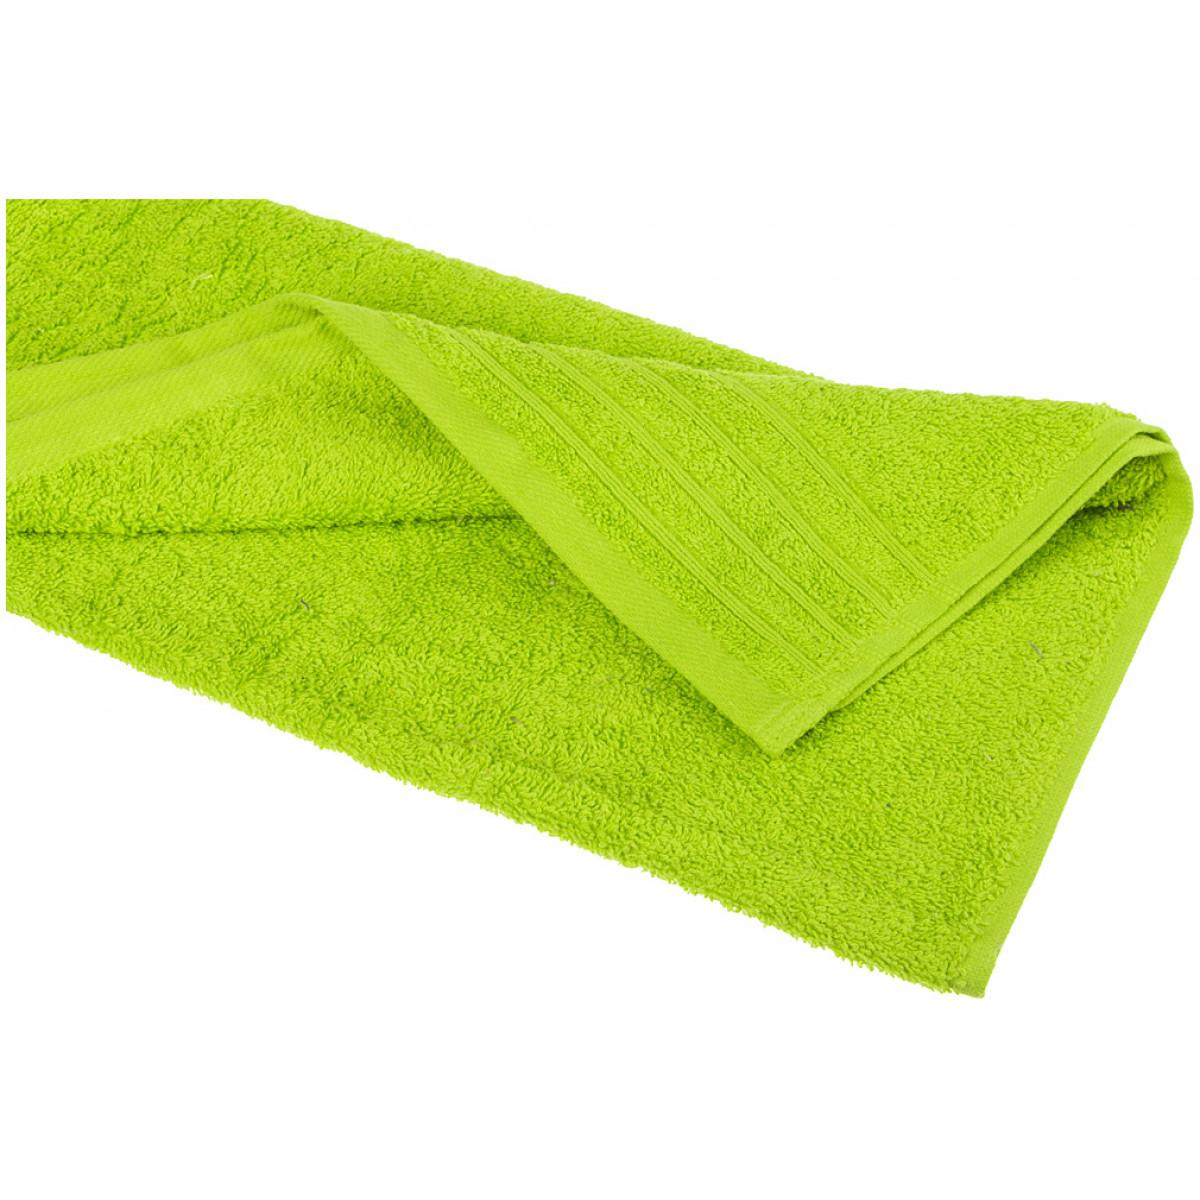 Купить Полотенца Santalino, Полотенце Jesimiel (40х70 см), Пакистан, Зеленый, Махра